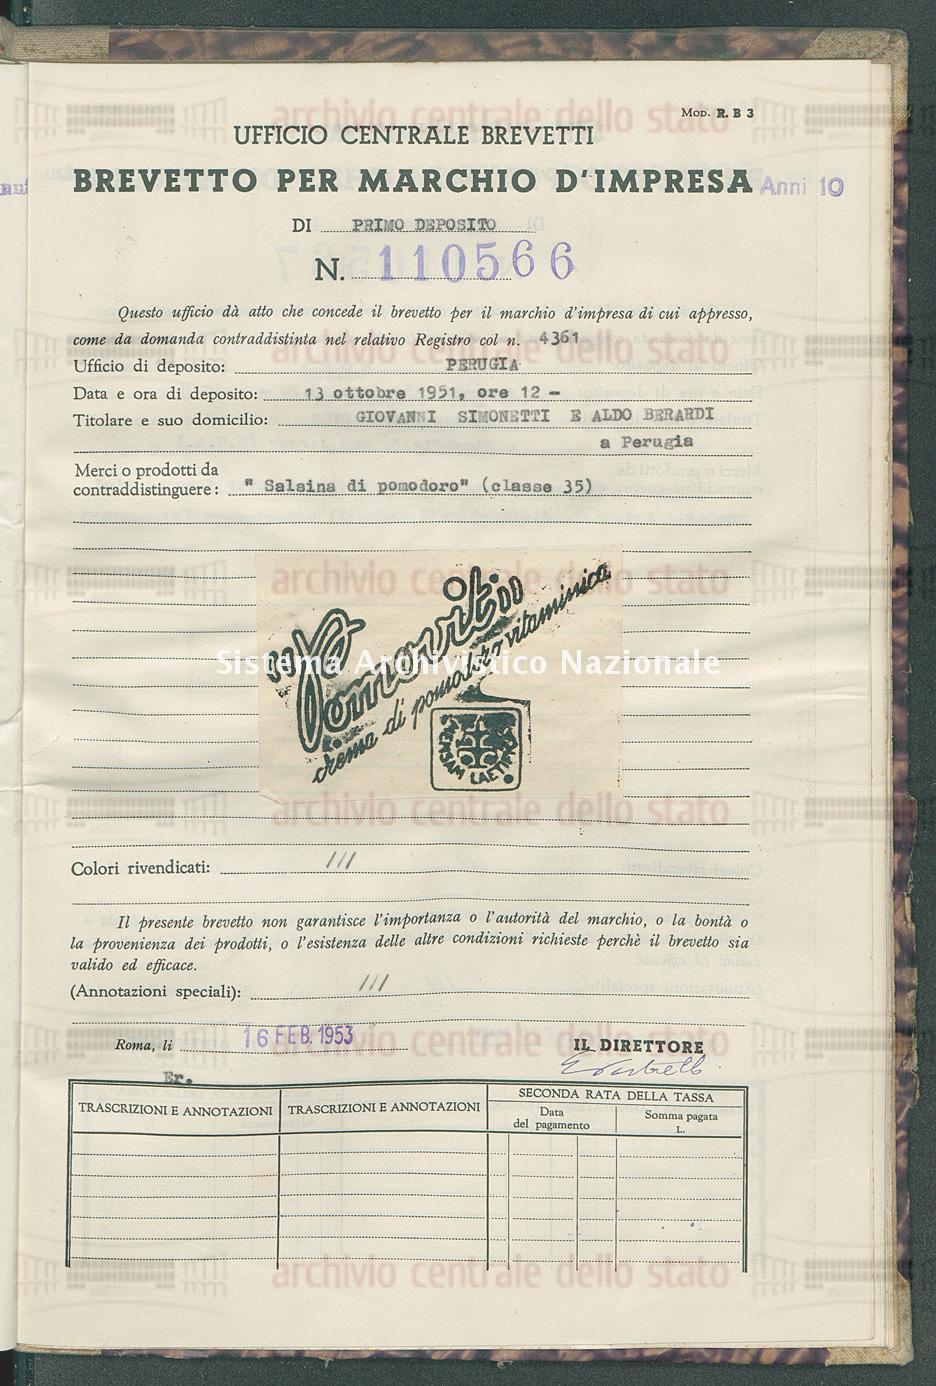 'Salsina di pomodoro' Giovanni Simonetti E Aldo Berardi (16/02/1953)